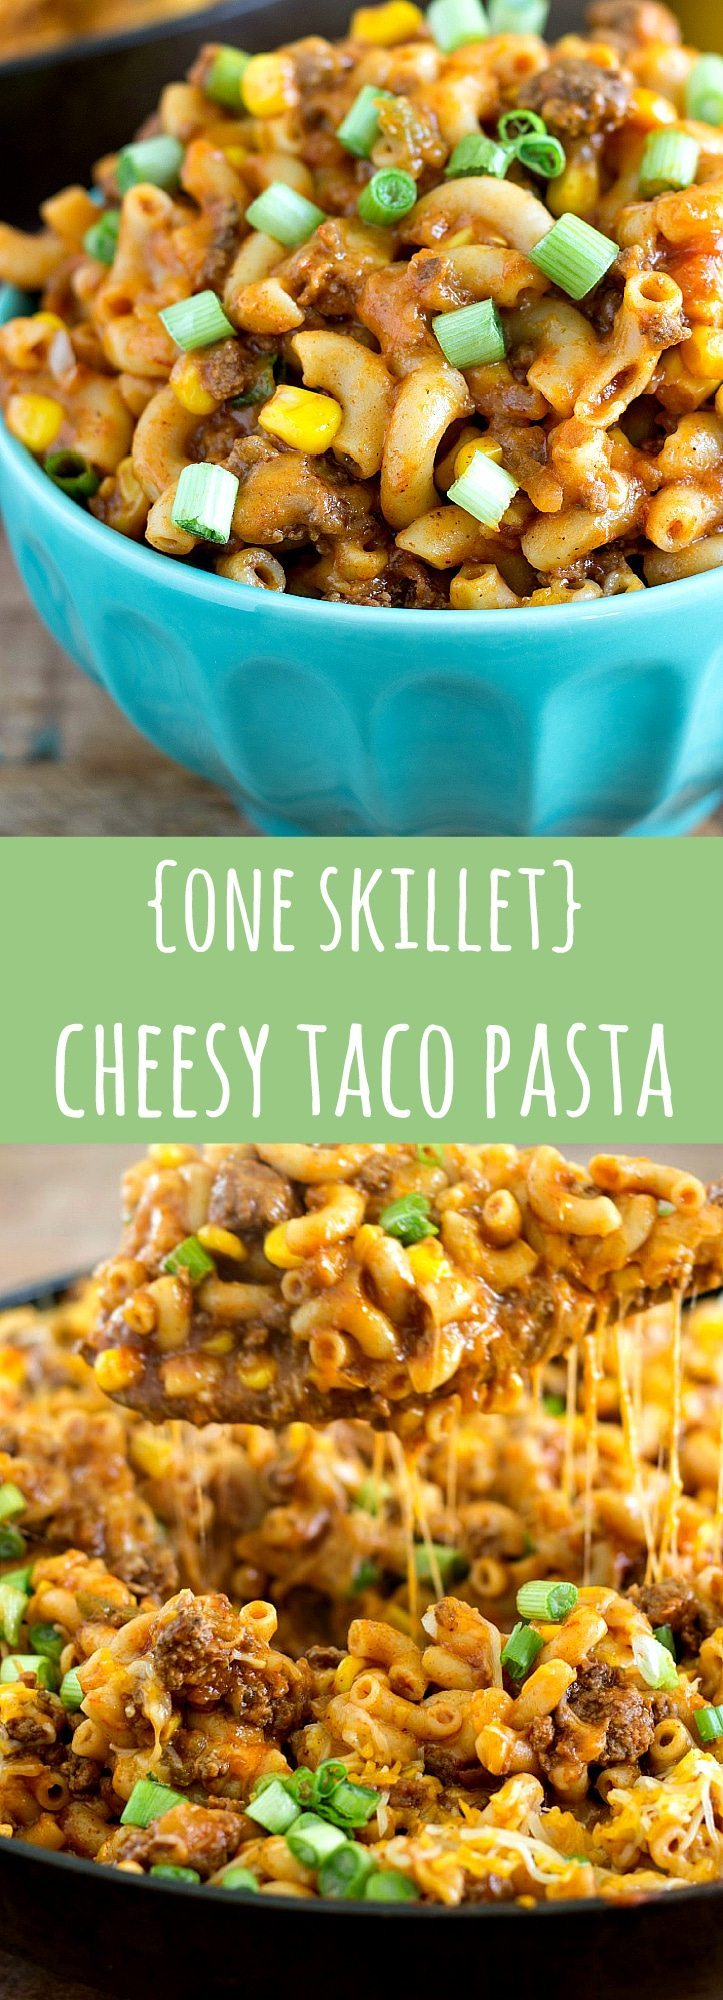 One Skillet Cheesy Taco Pasta